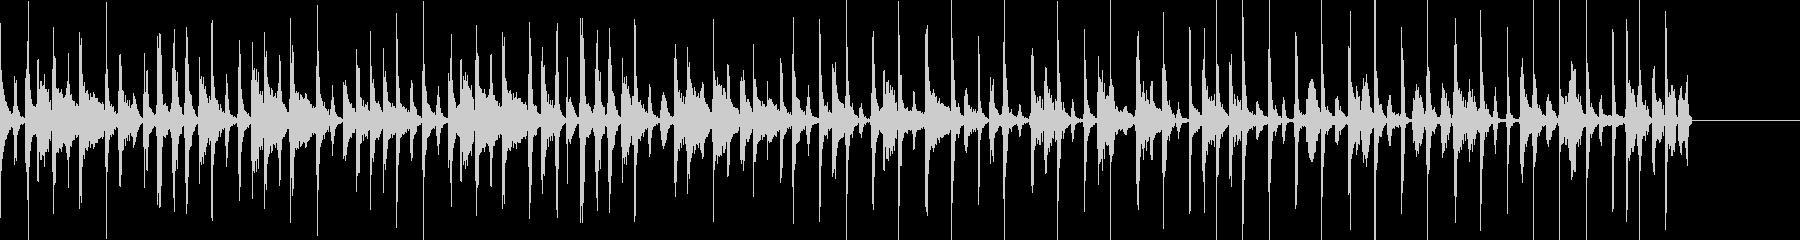 パーカッションとファミコン音で構築した曲の未再生の波形